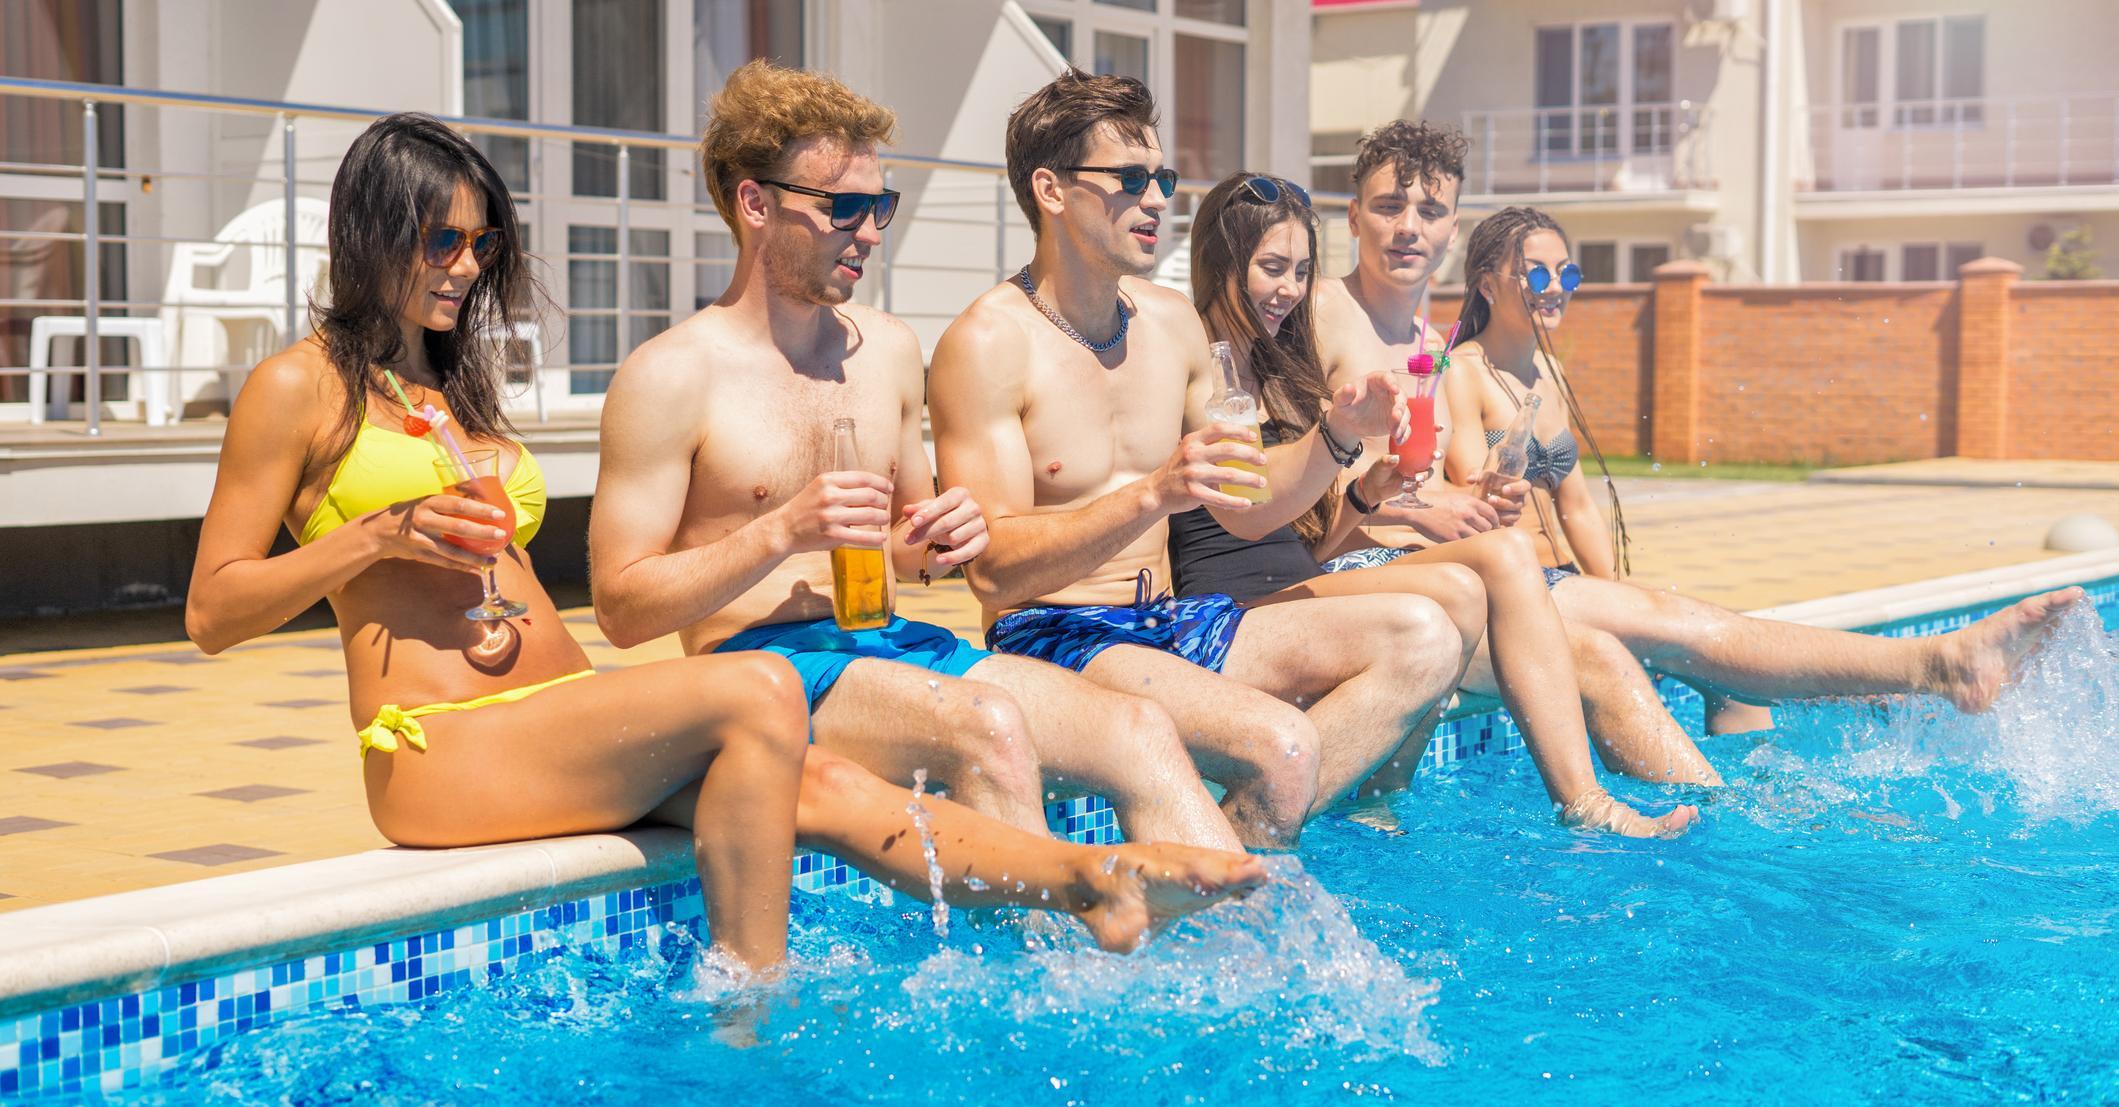 Lo que no hay que hacer en la piscina kiss fm for Que hacer en la piscina